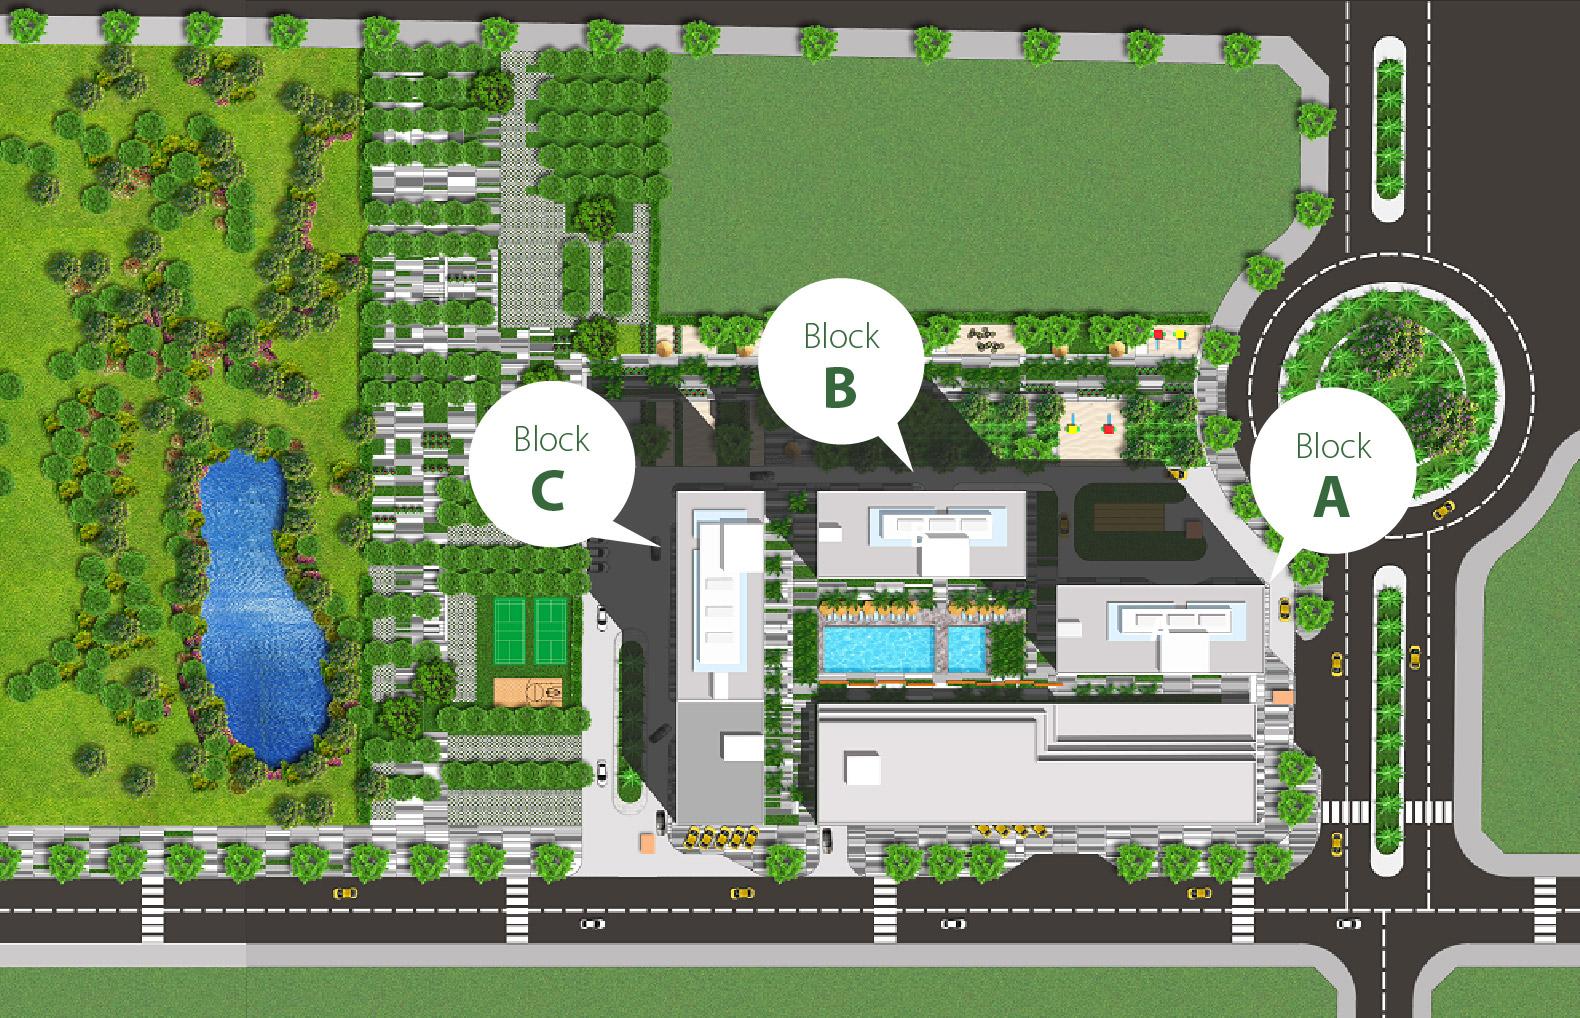 Căn hộ Chung cư Citisoho - Dự án căn hộ Citi Soho Kiến Á Quận 2 - Mua bán giá tốt nhất